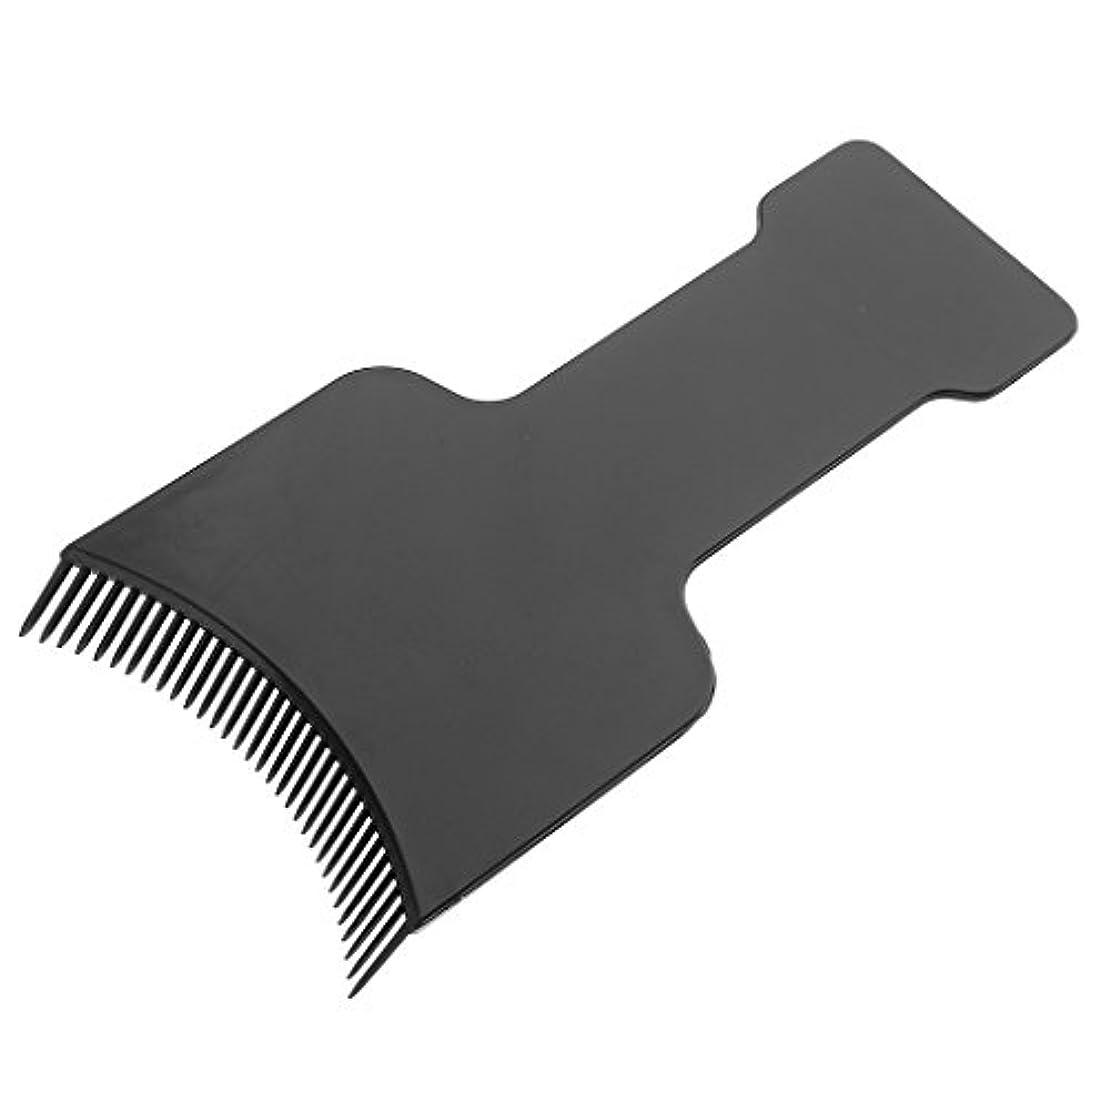 顔料稼ぐ受け入れるFenteer ヘアカラー ボード 髪 染色 ツール ブラック 全4サイズ - S